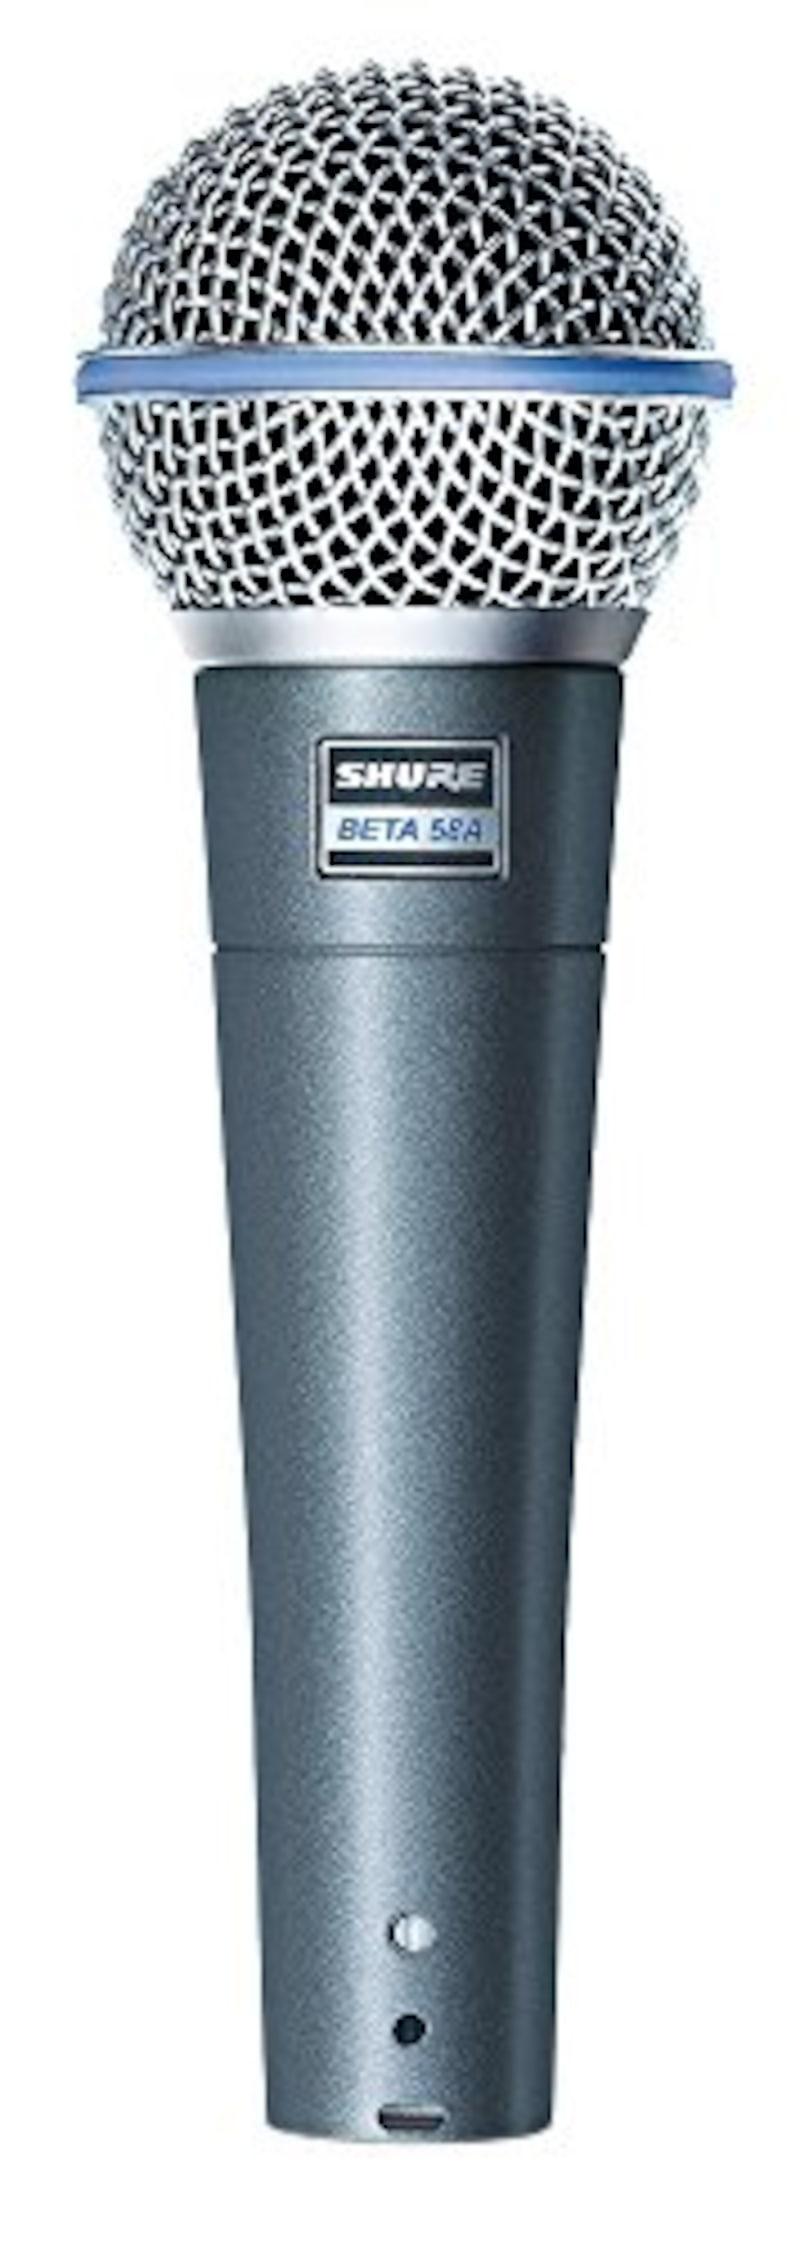 SHURE(シュア),ダイナミックマイクロフォン BETA 58A,BEAT58A-X